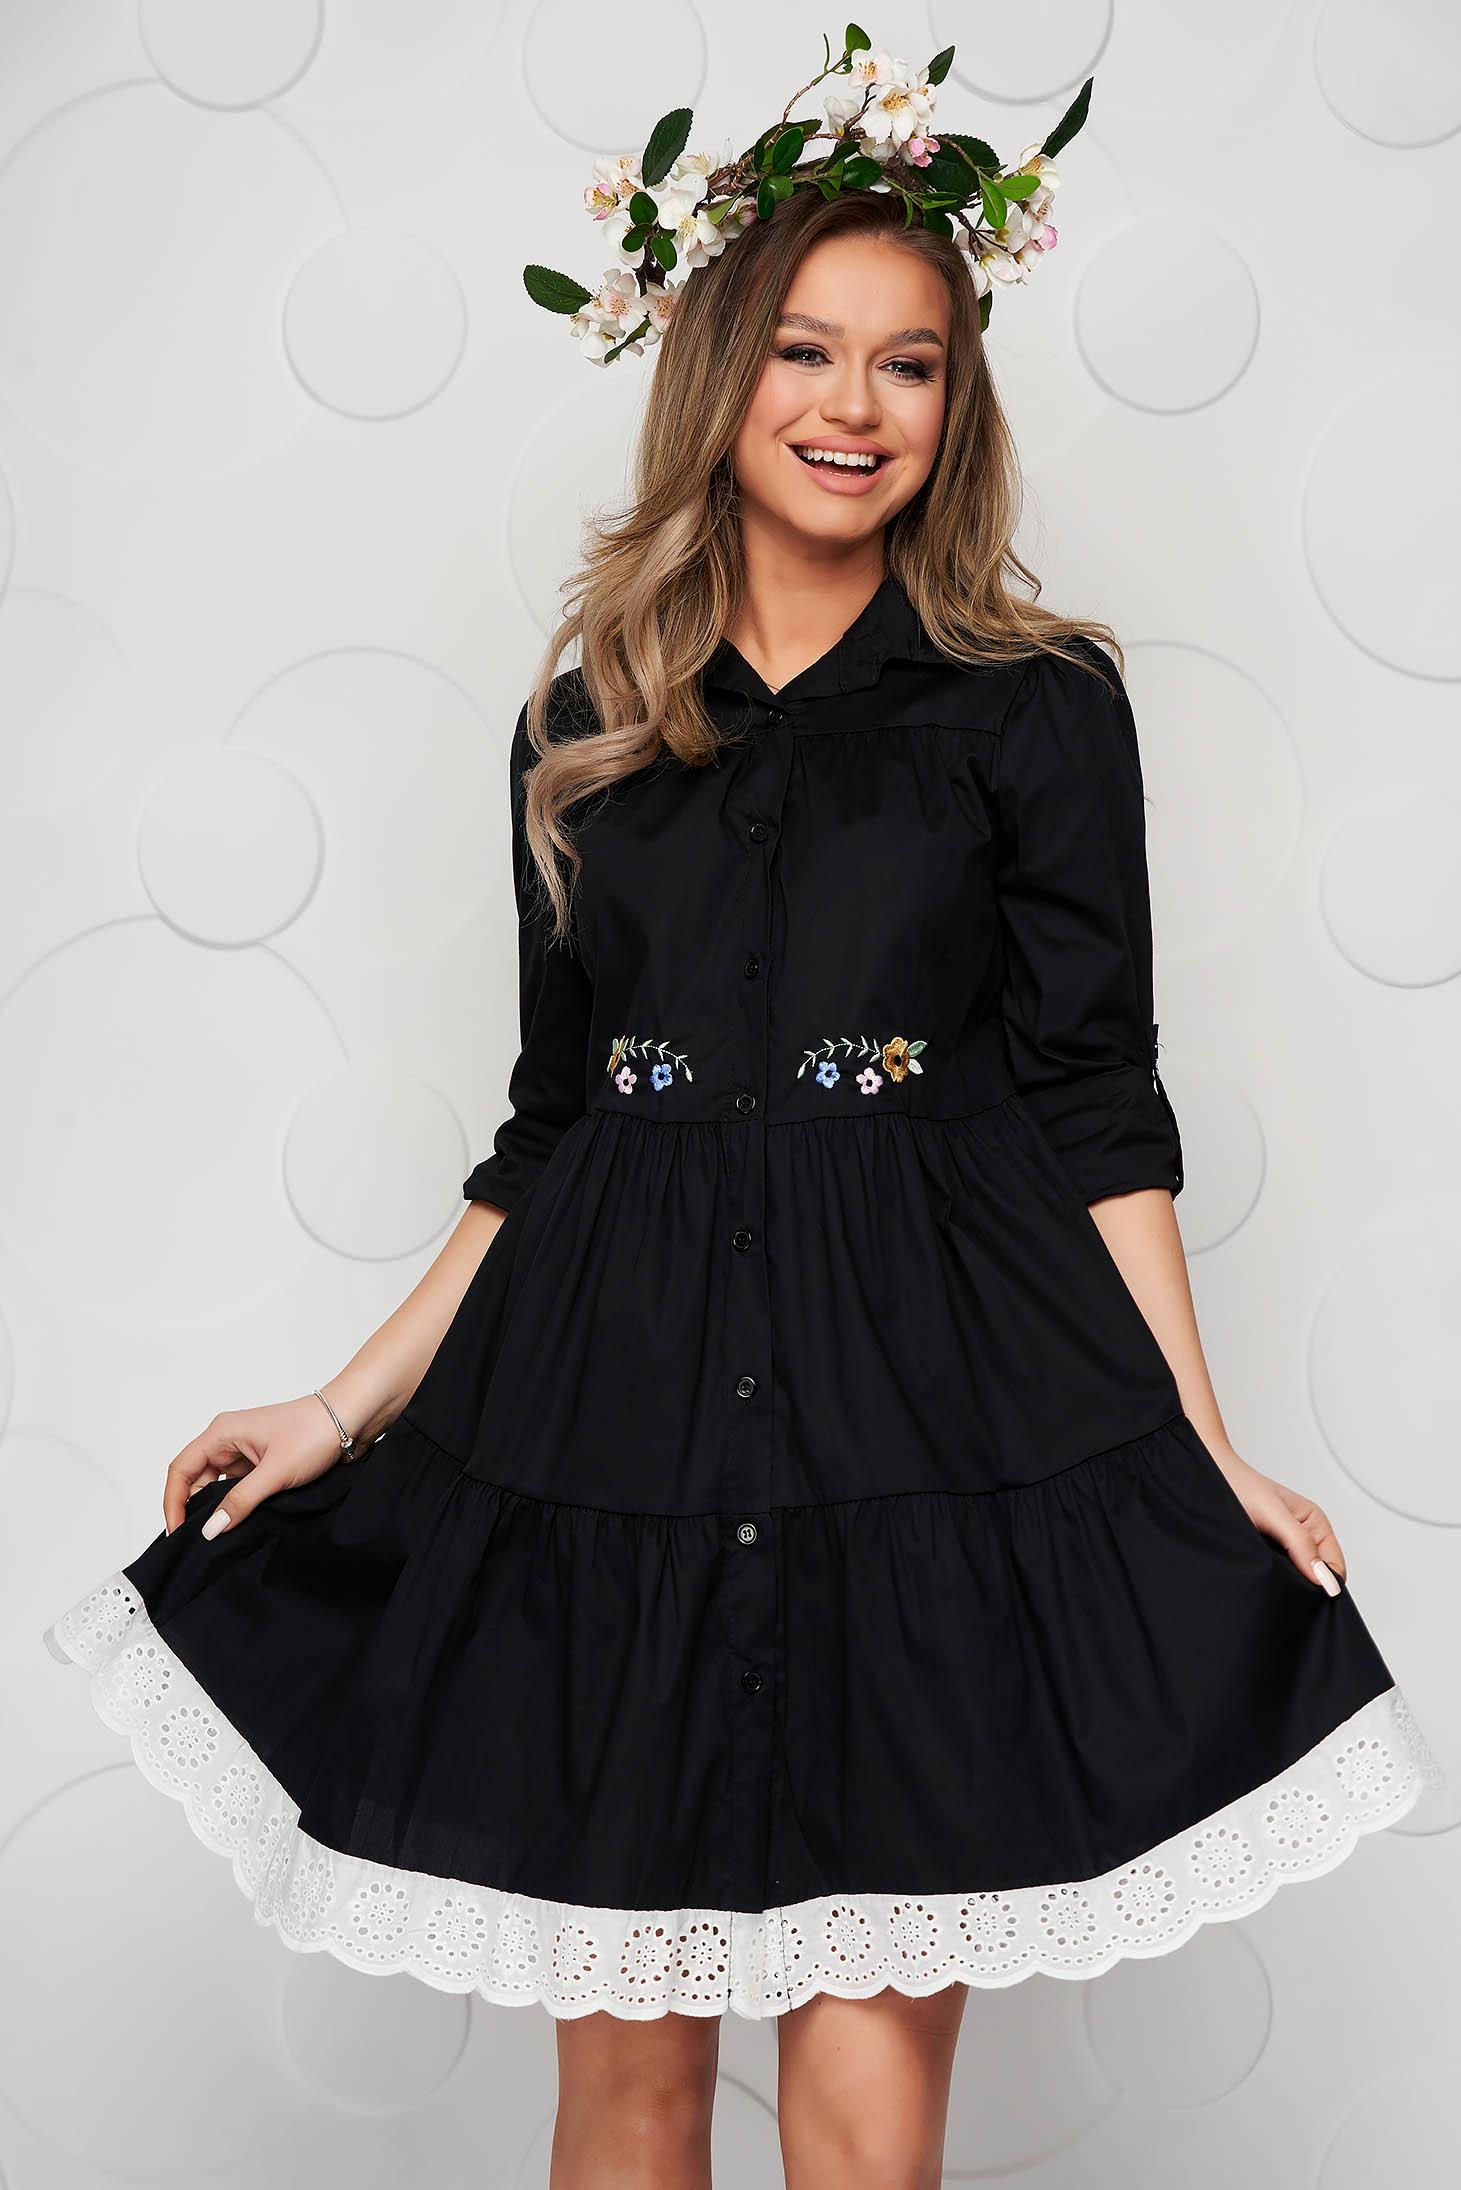 Black dress cotton a-line with lace details midi